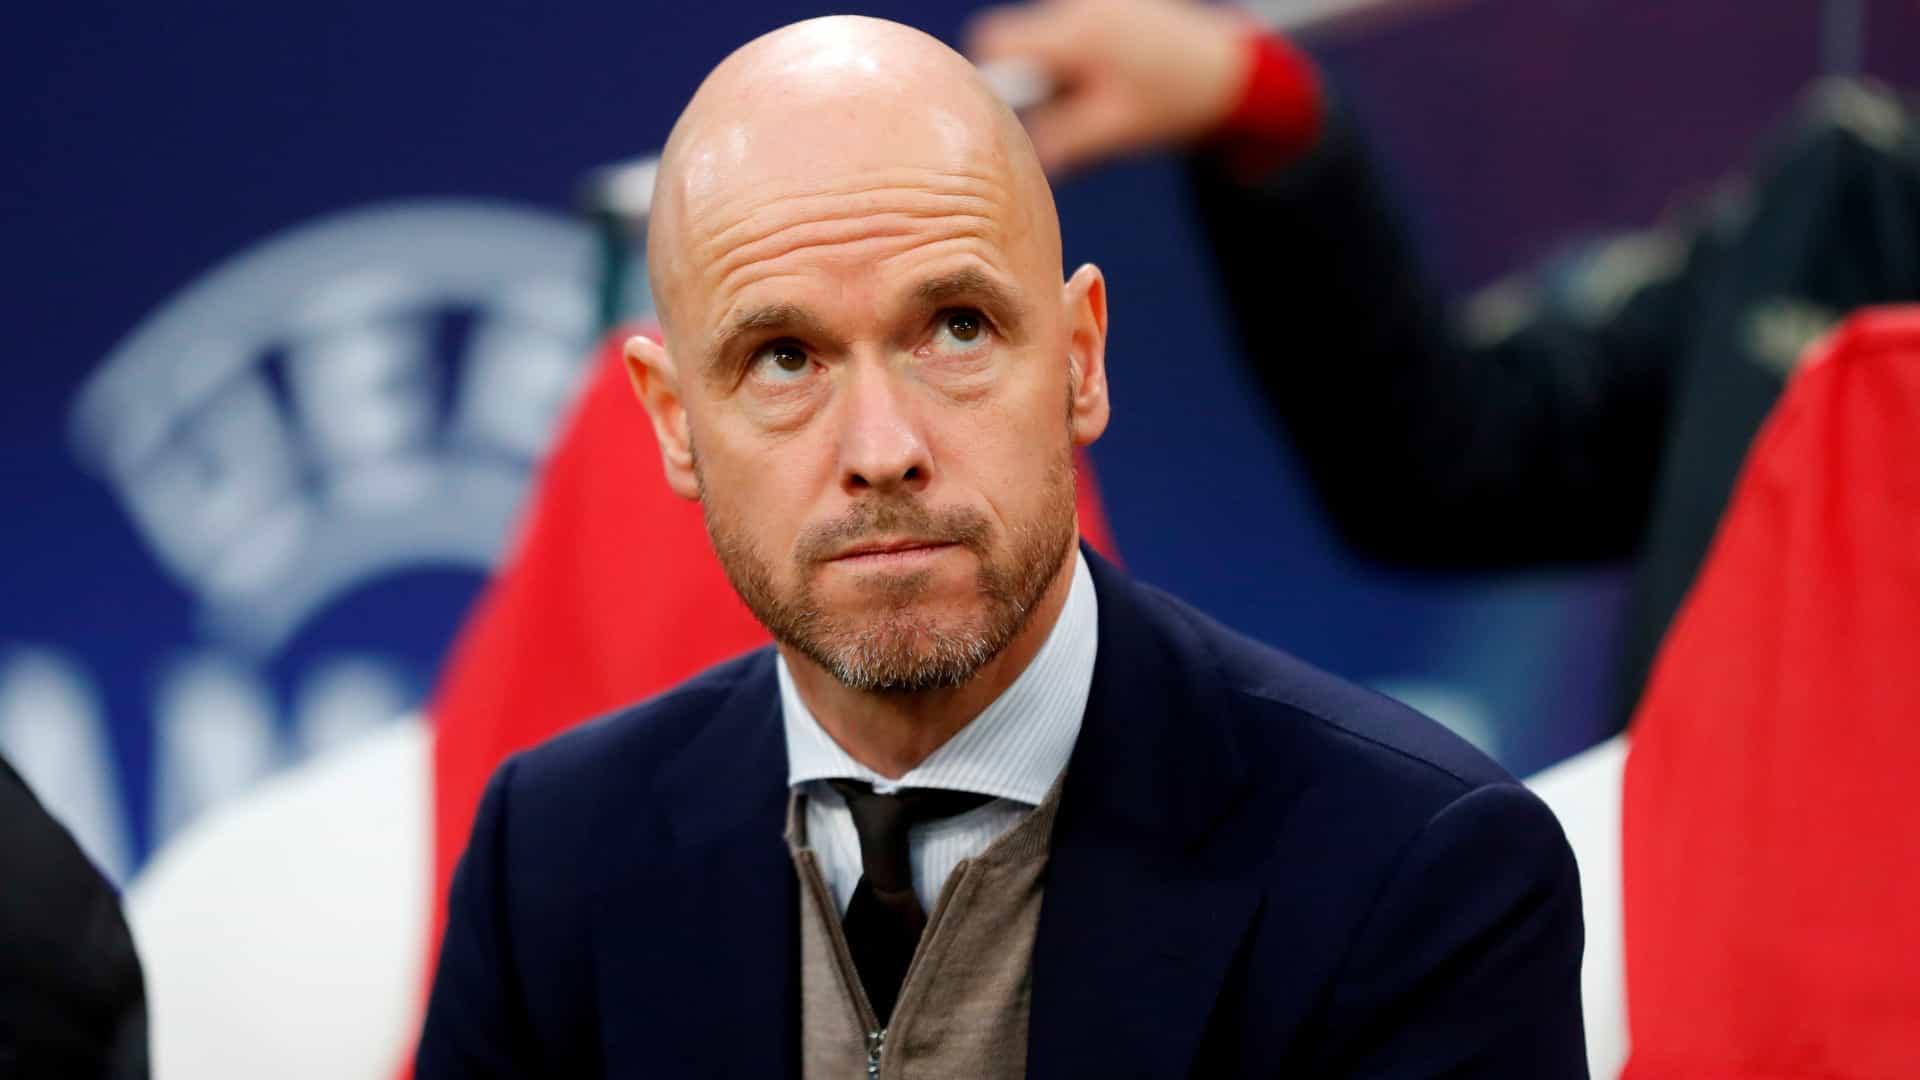 naom 5cd3e4c603788 - Técnico do Ajax lamenta eliminação na Champions: 'Crueldade'